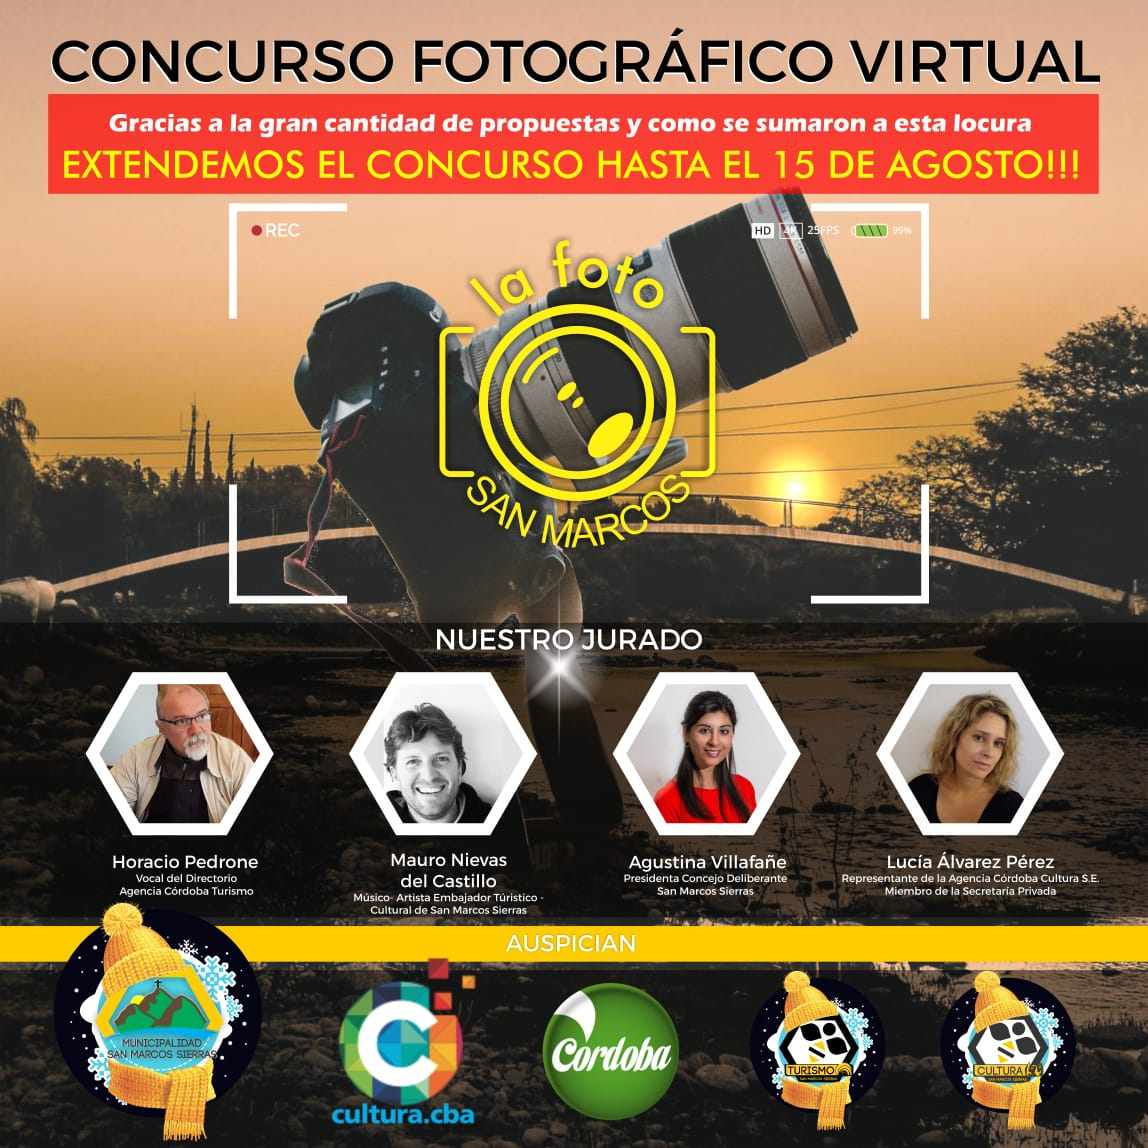 Se extiende el Concurso Fotográfico Virtual de San Marcos Sierras